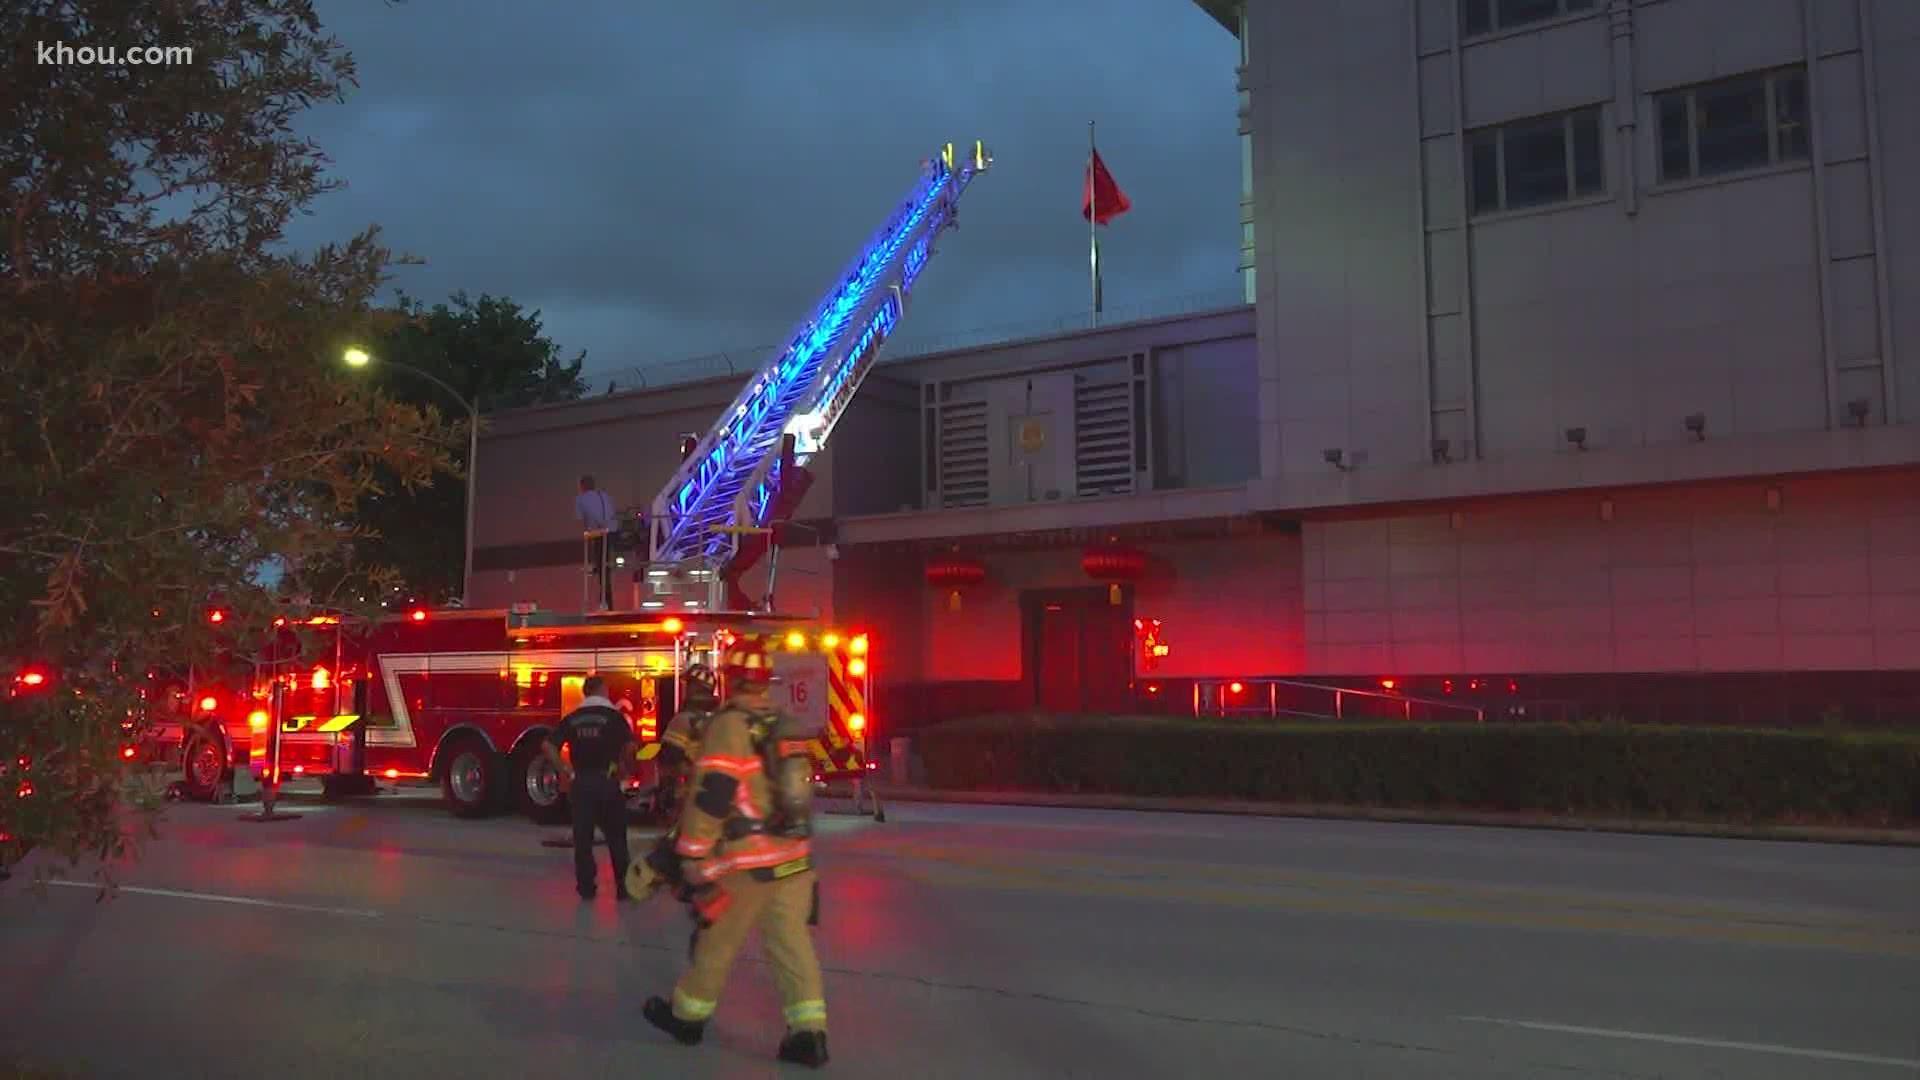 多架消防车周二晚上赶到中国驻美国休斯敦总领事馆外,中国使馆禁止他们进去,因此消防员只能站在门外待命。-图截取自Khou.com-